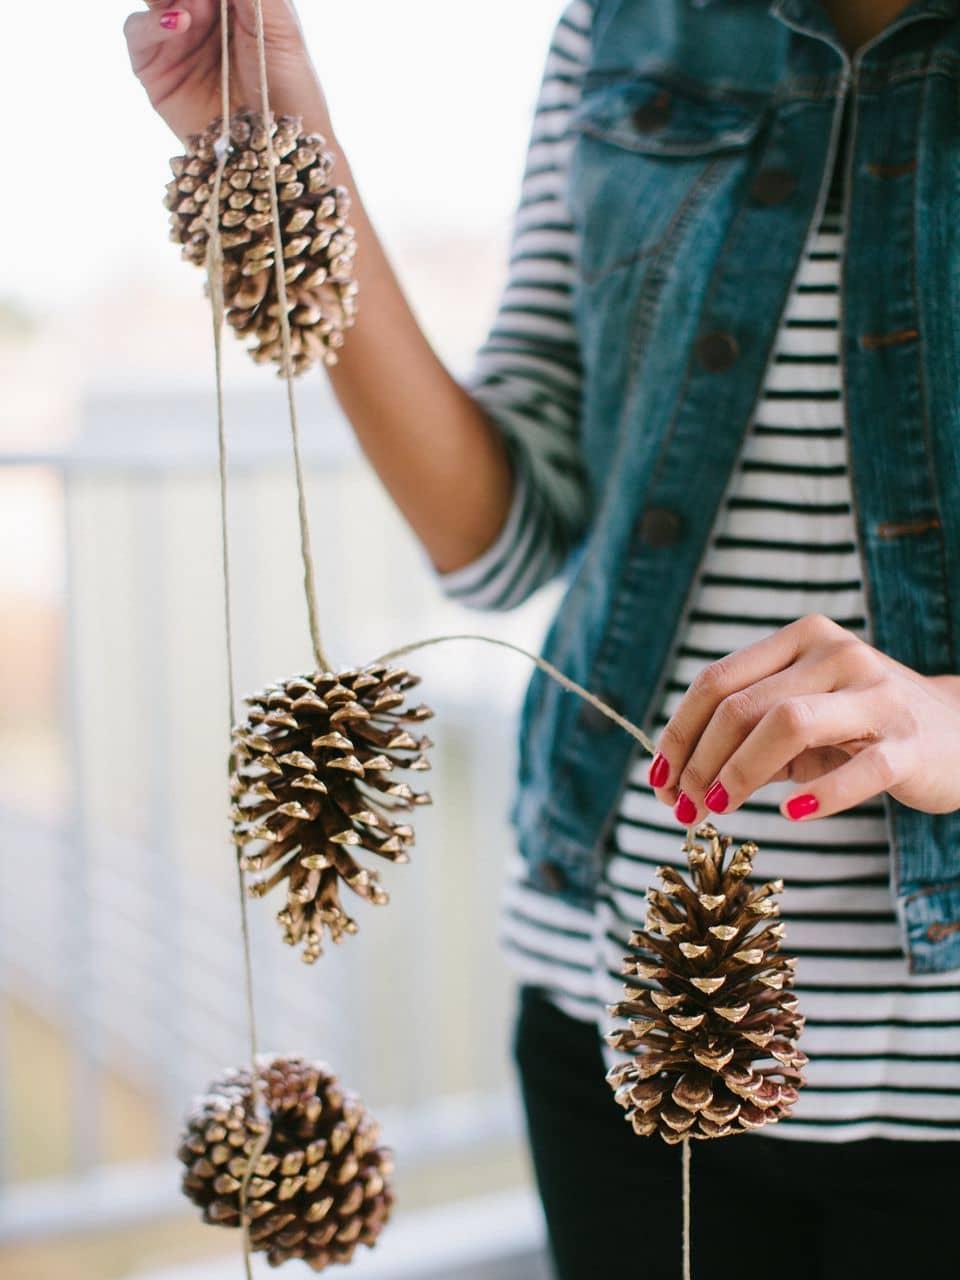 Закрепив шишки на веревке вы получите изящную гирлянду, которой можно украсить дом как внутри, так и снаружи